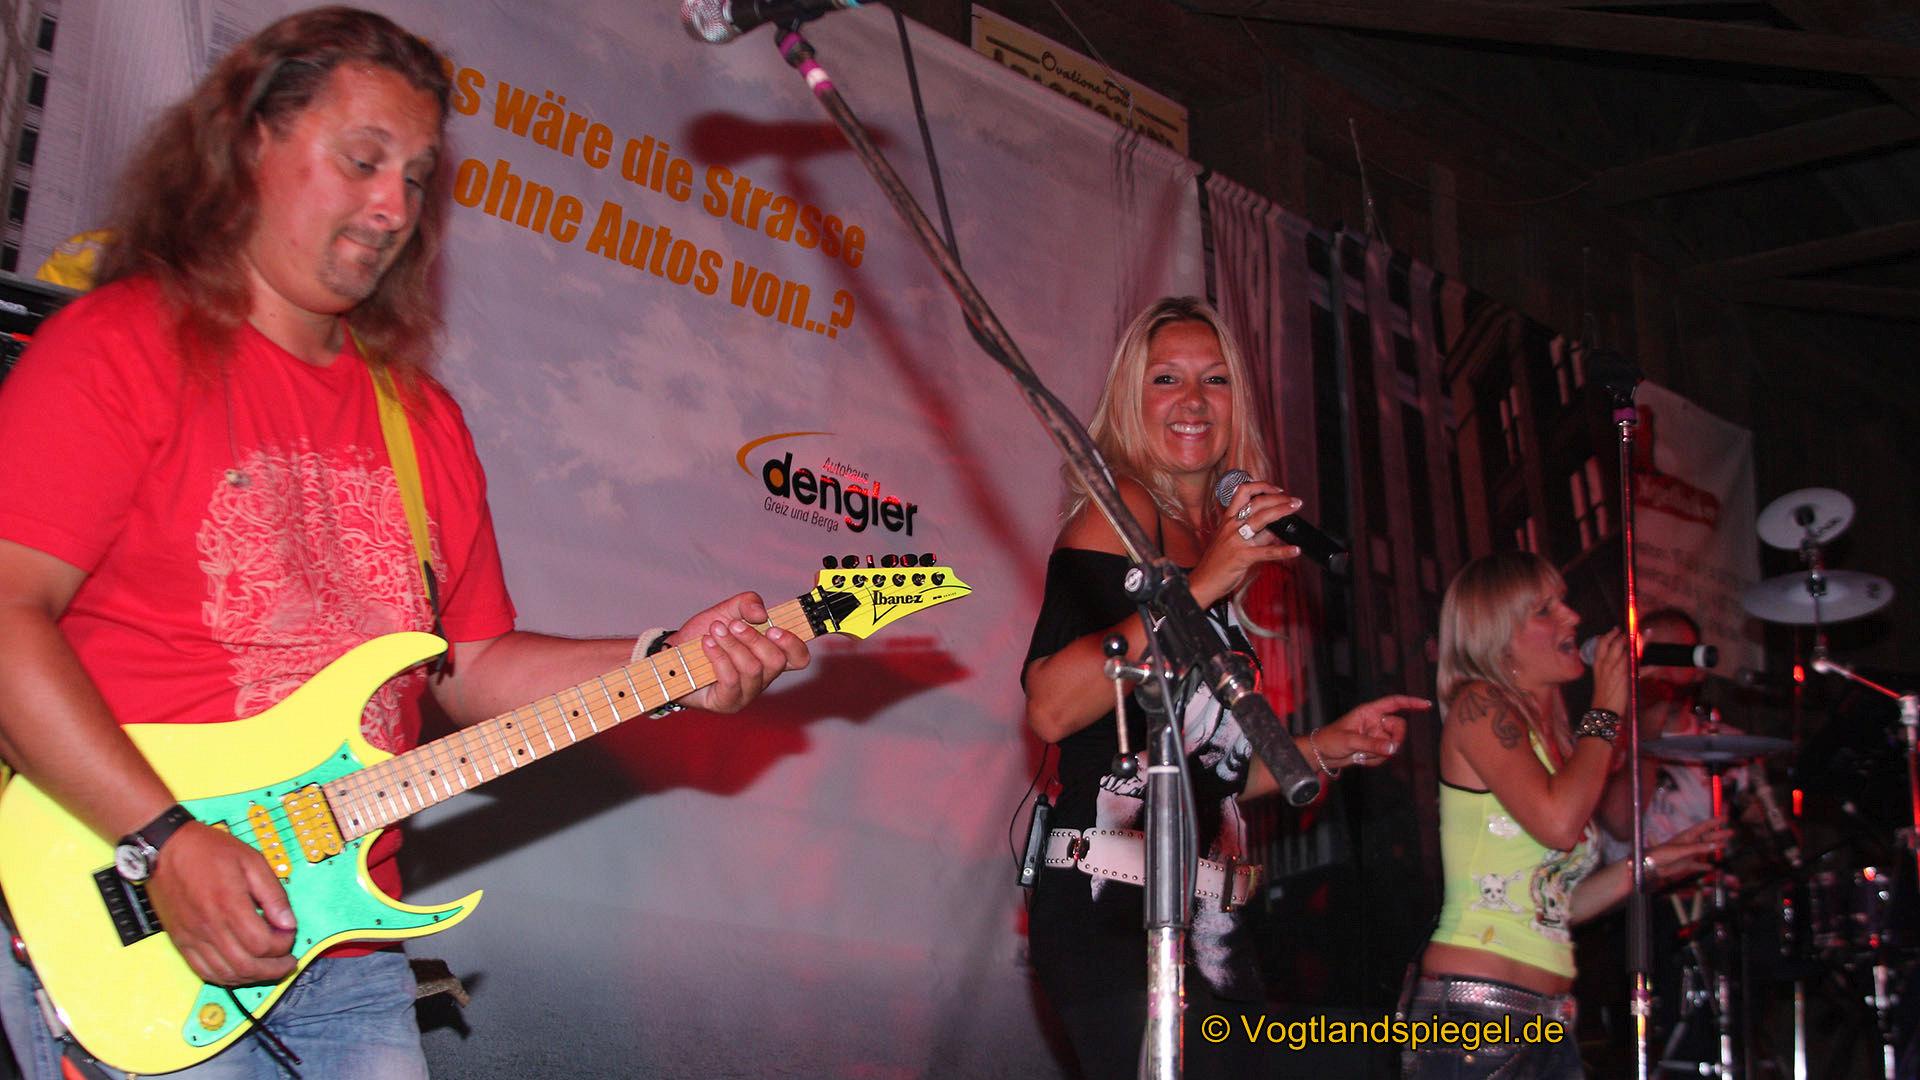 6. Dengler-Rock-Nacht in Reithalle mit einem Rockkonzert der Gruppe Anna and the rocks